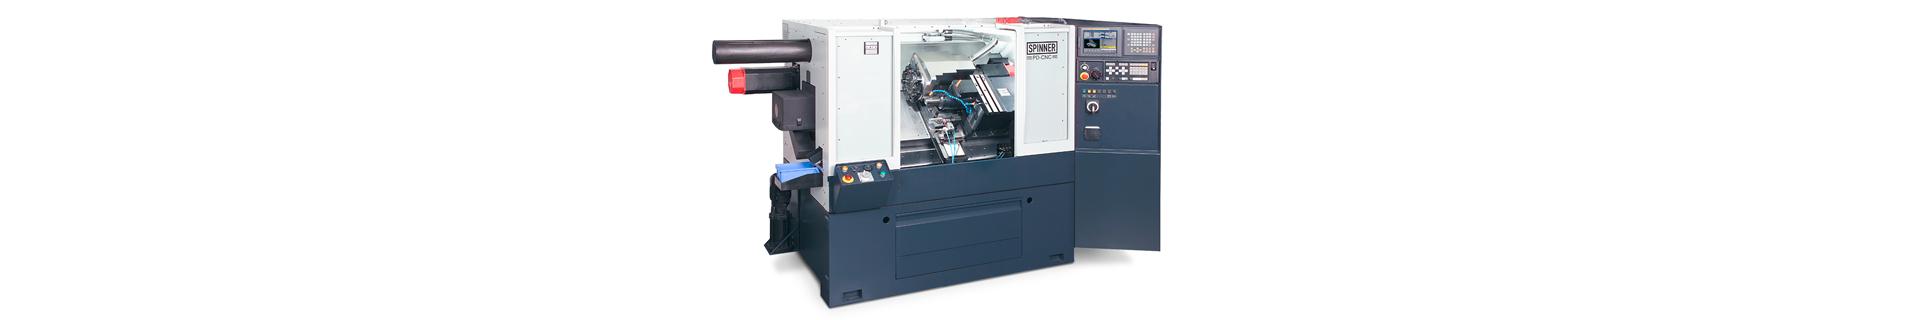 Spinner AG - Ultrapräzisionsdrehmaschine - PD